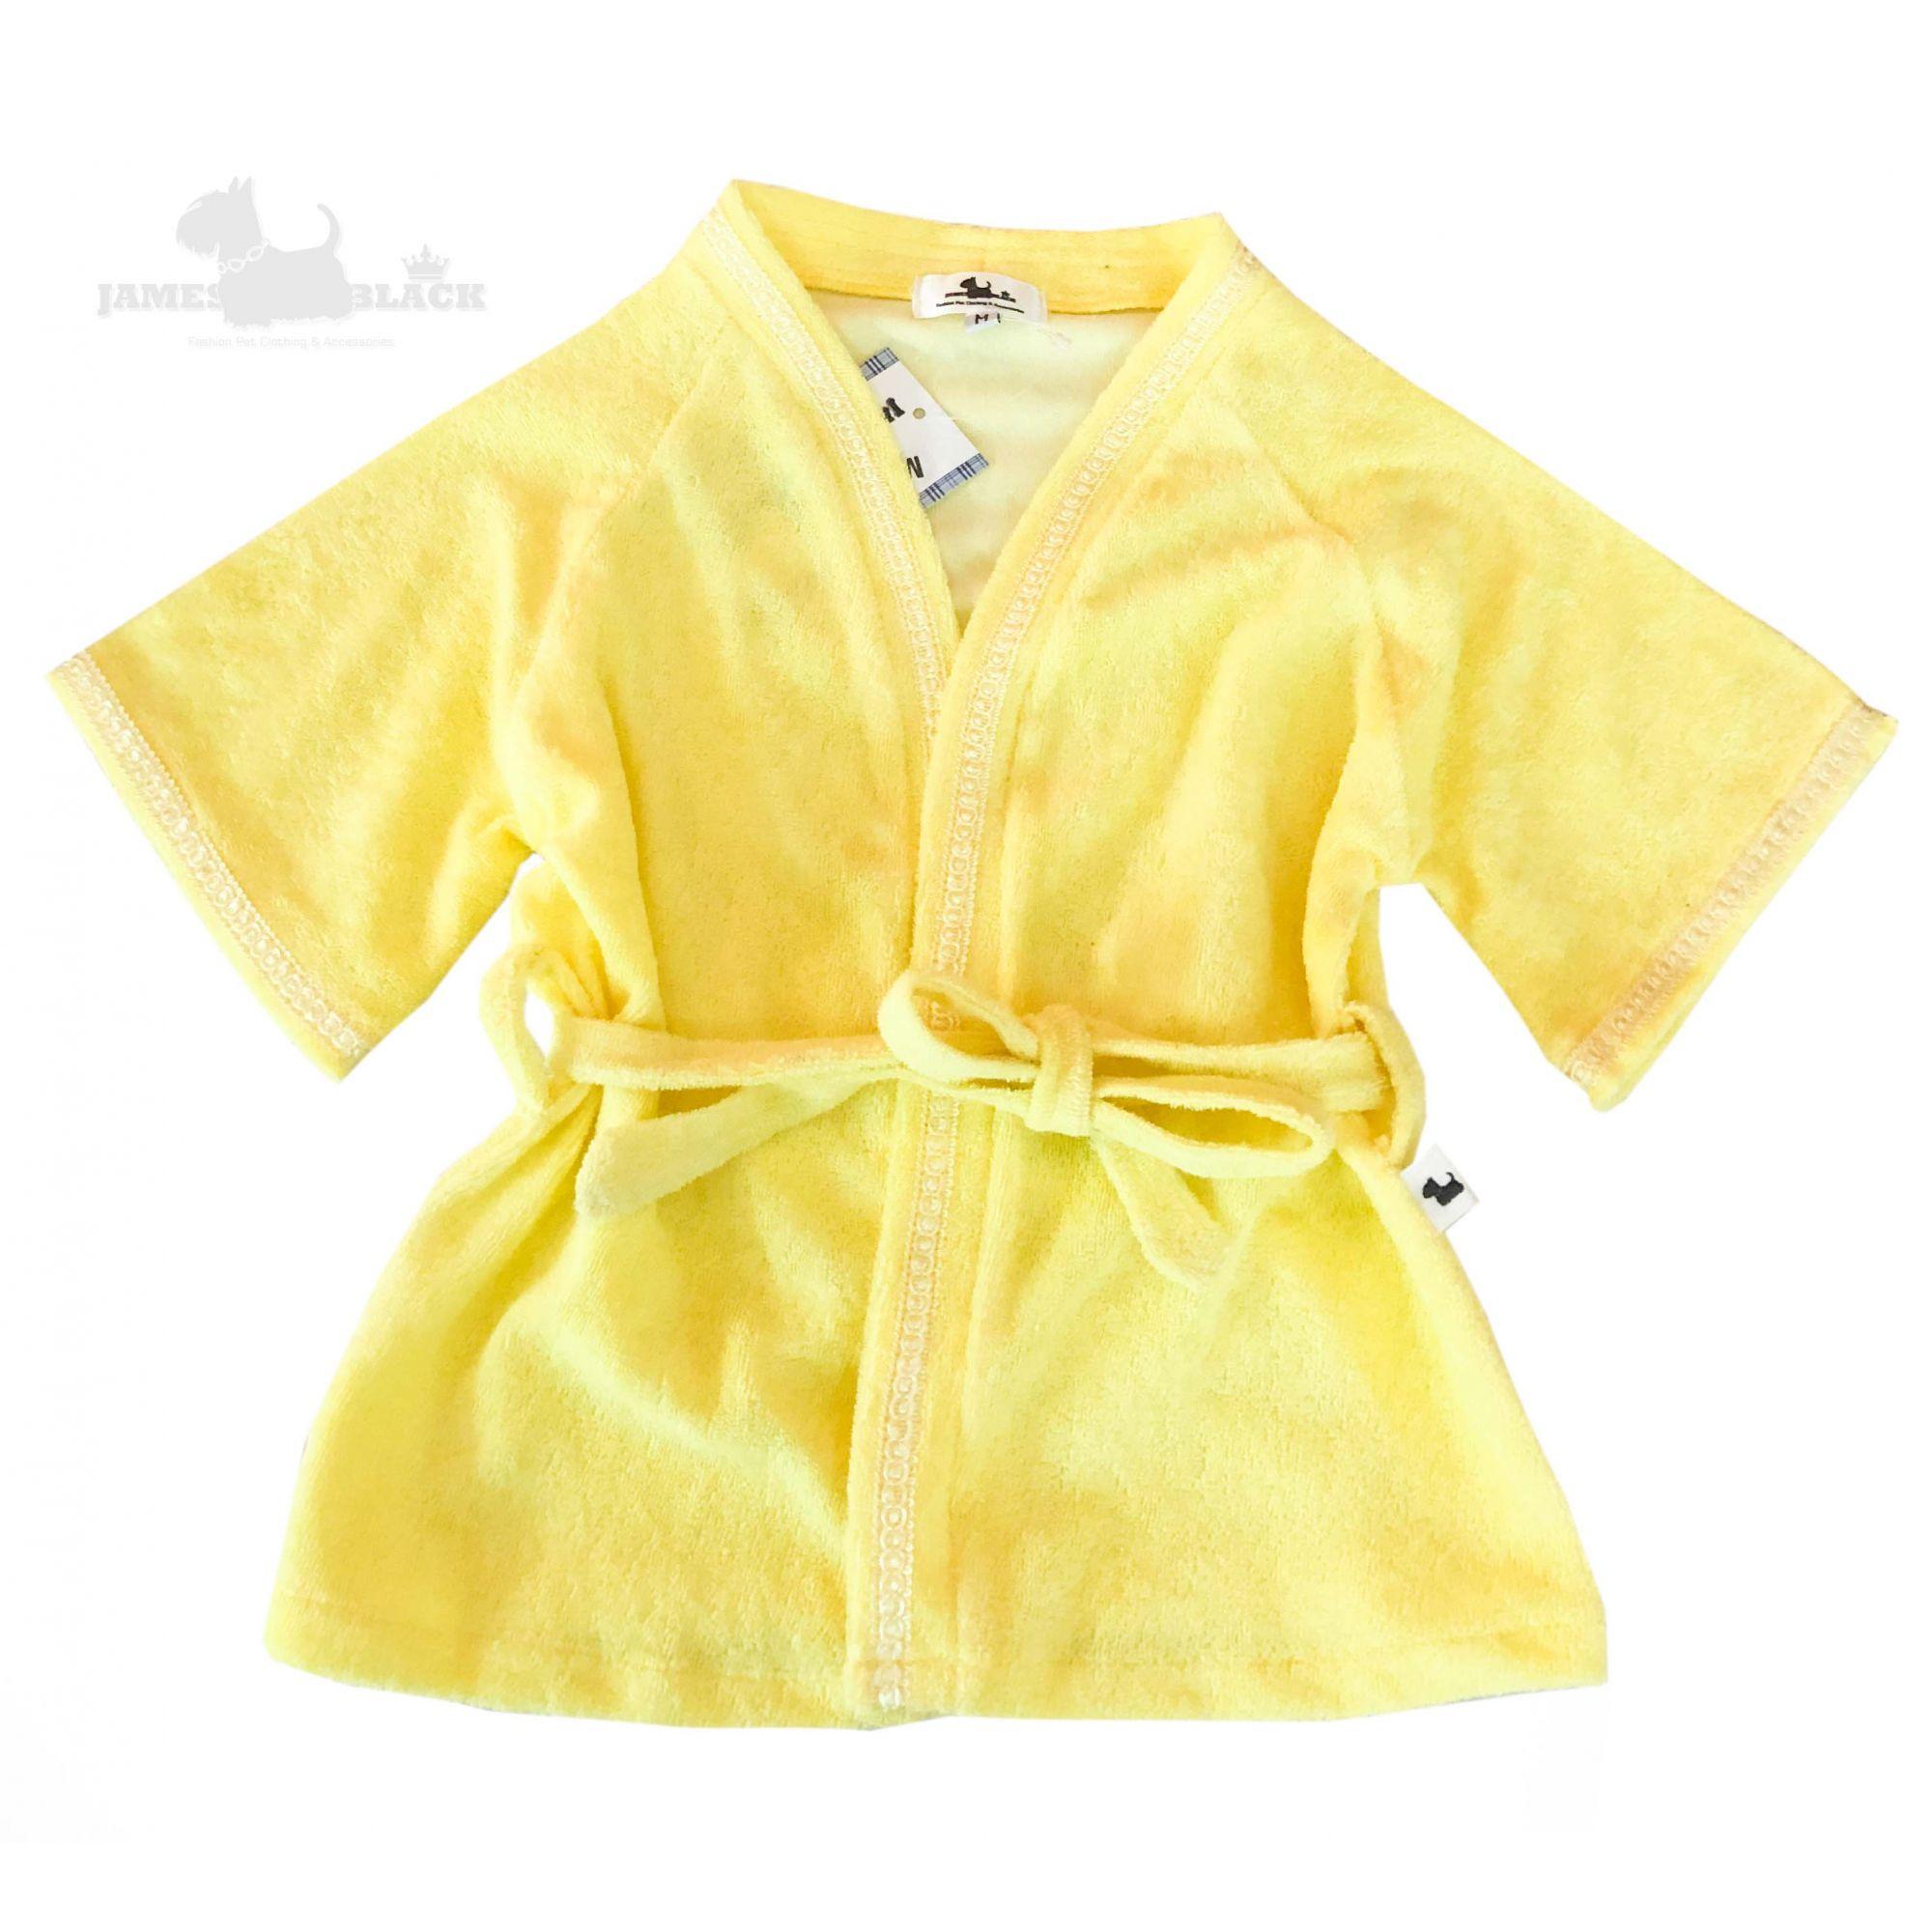 Roupão Atoalhado Amarelo bebê